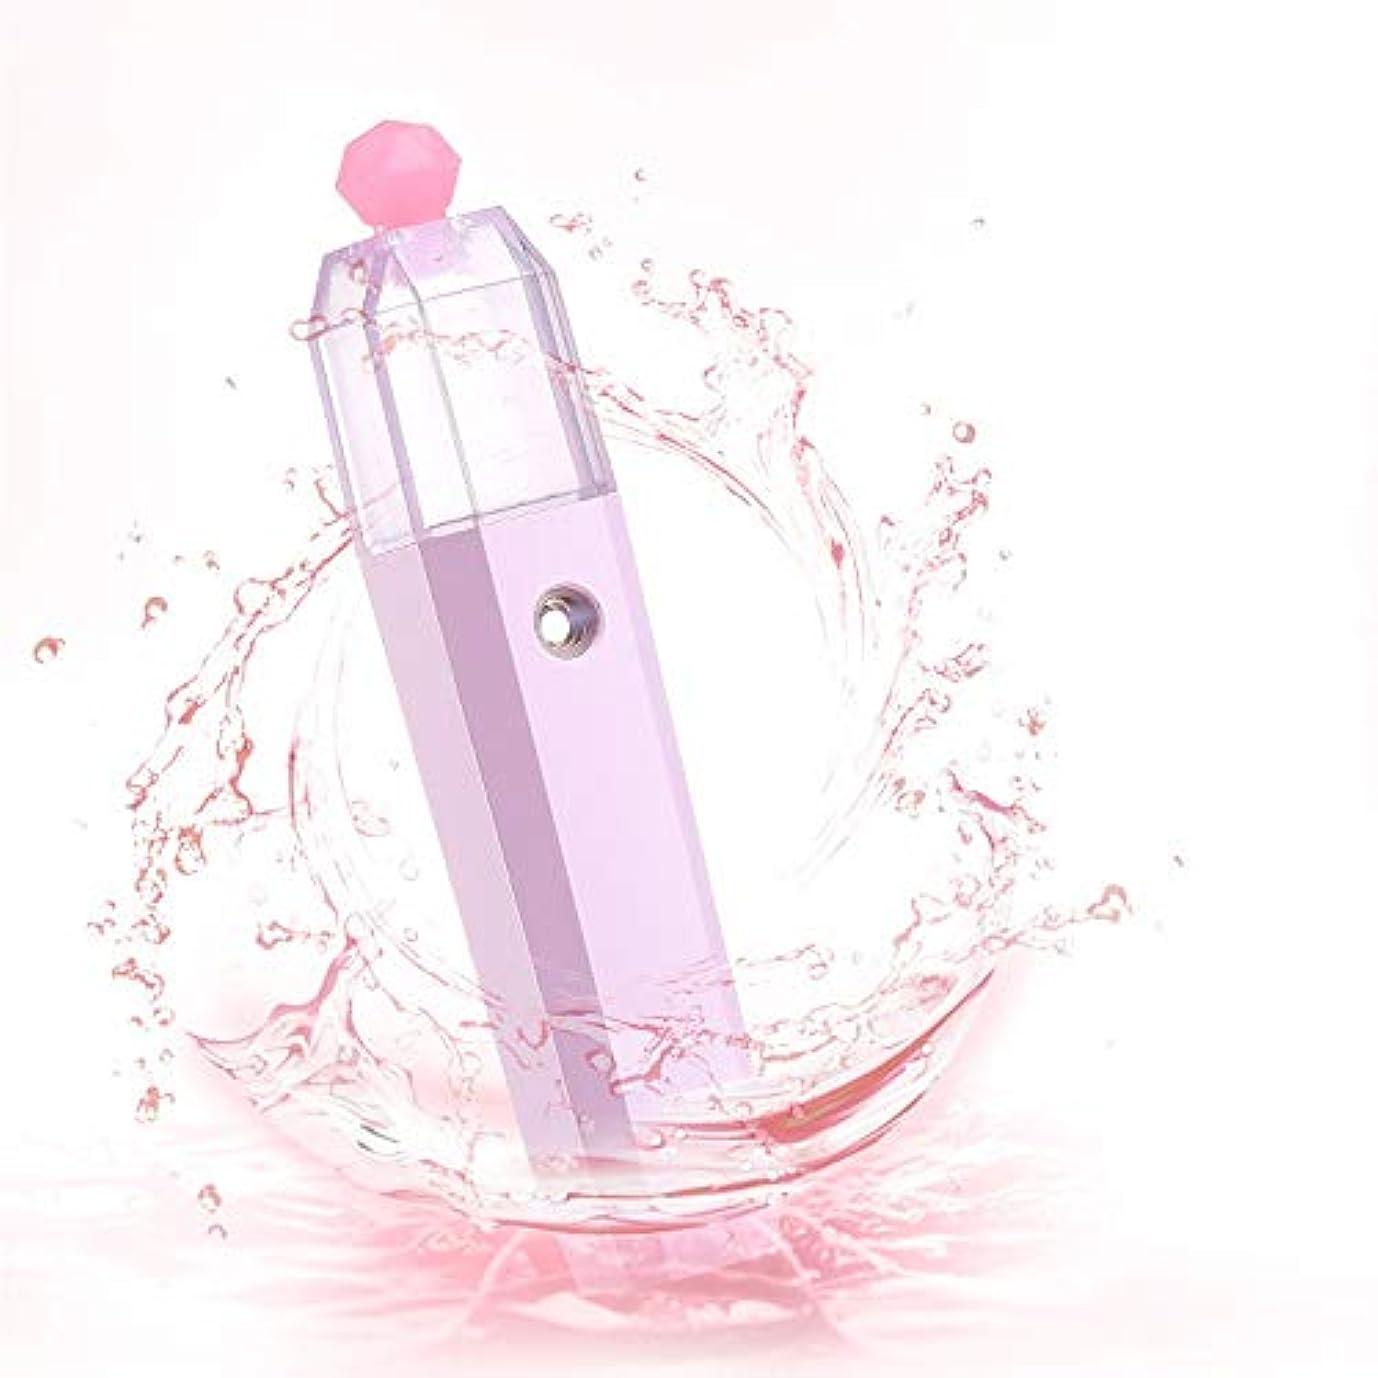 想起強大な望ましいZXF 水道メーター美容ハンドスプレー新しいナノスプレーポータブル家庭用フェイスフェイシャルモイスチャライザーピンク 滑らかである